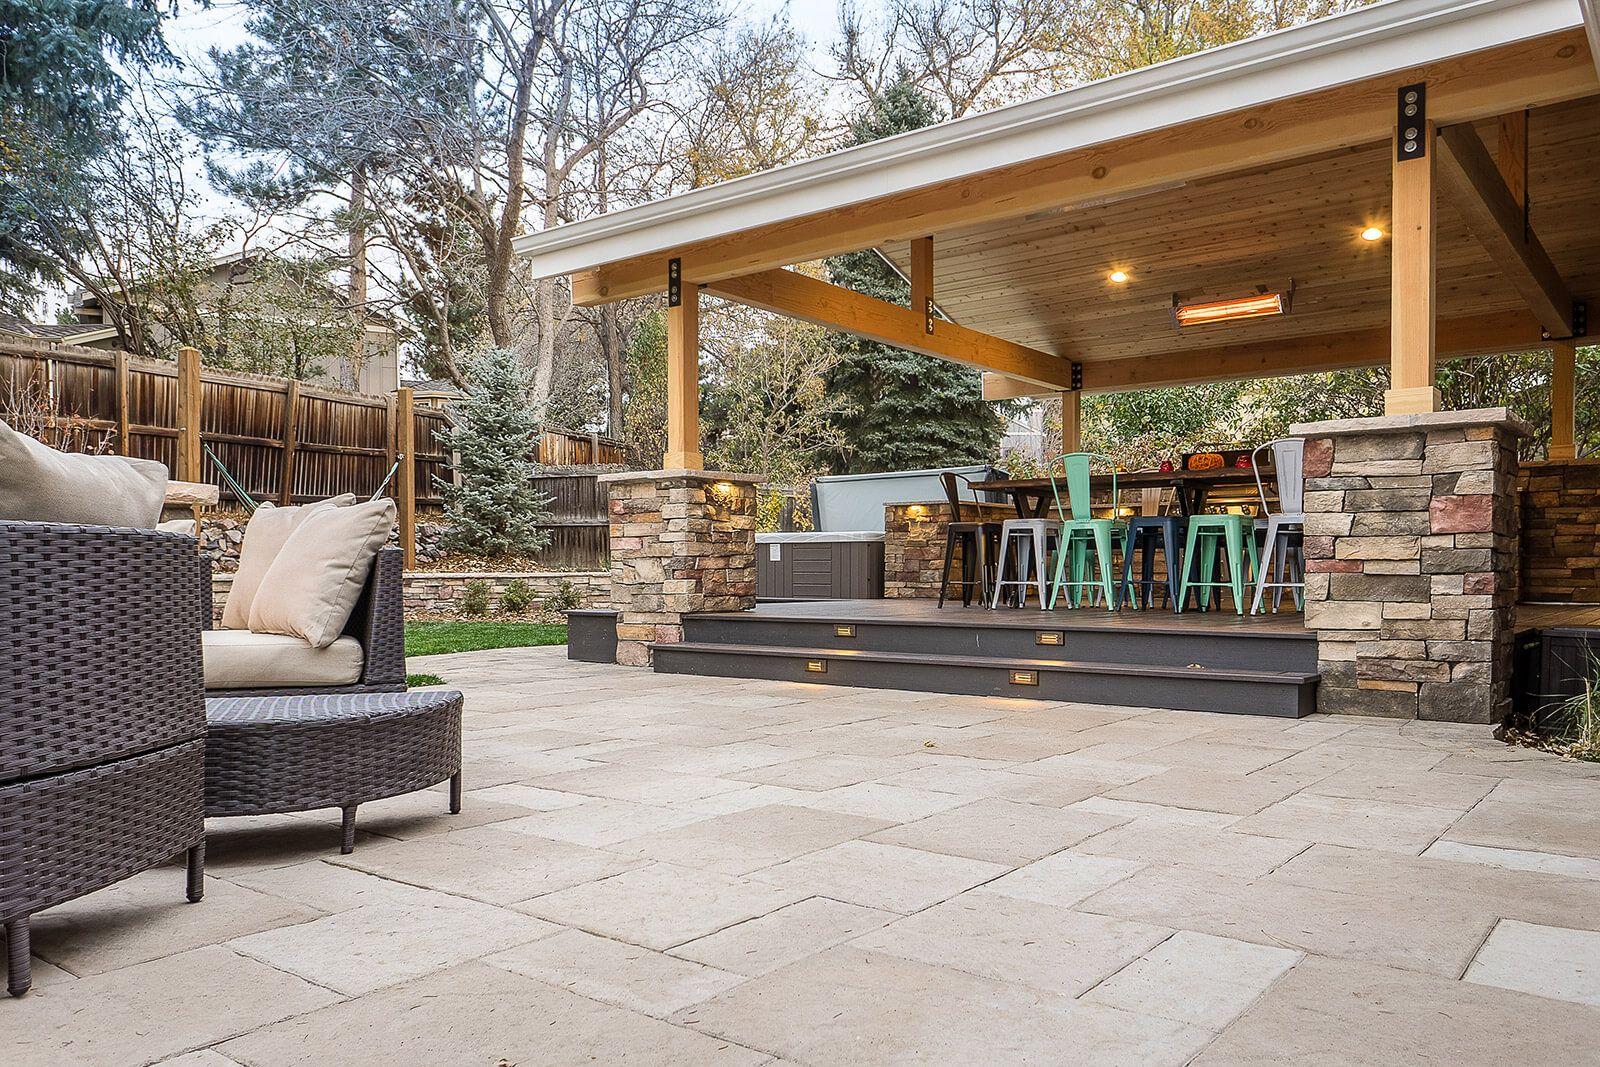 Myths About Pavers - Elite Landscape & Outdoor Living ... on Elite Landscape And Outdoor Living id=11571